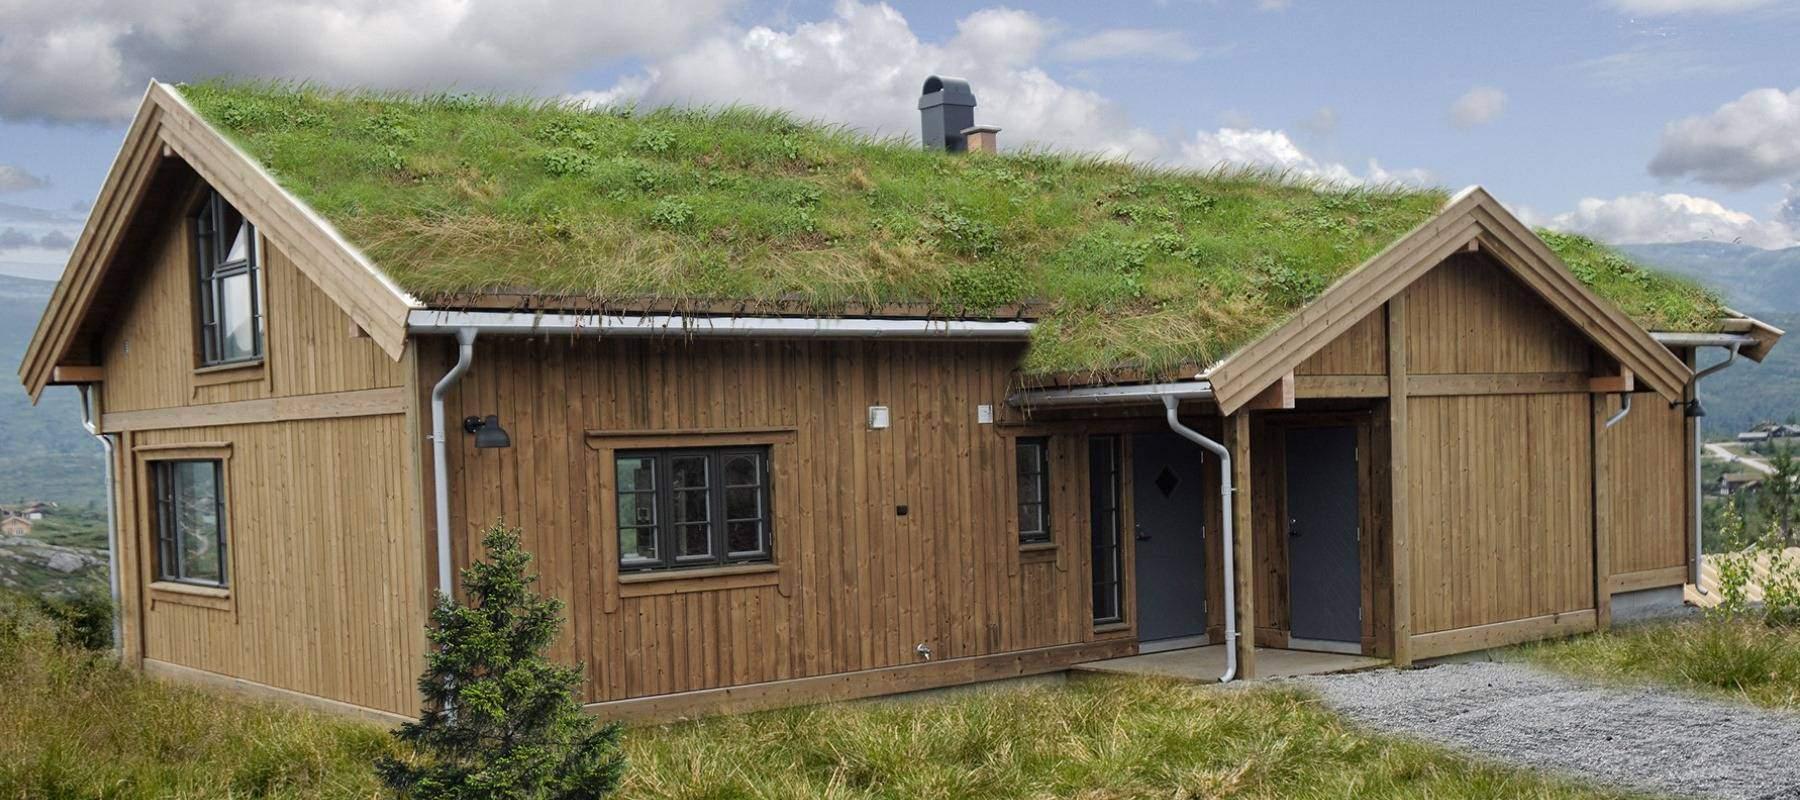 18 Hyttemodell Høgevarde 127. Overbygd inngangsparti med utvendig bod.